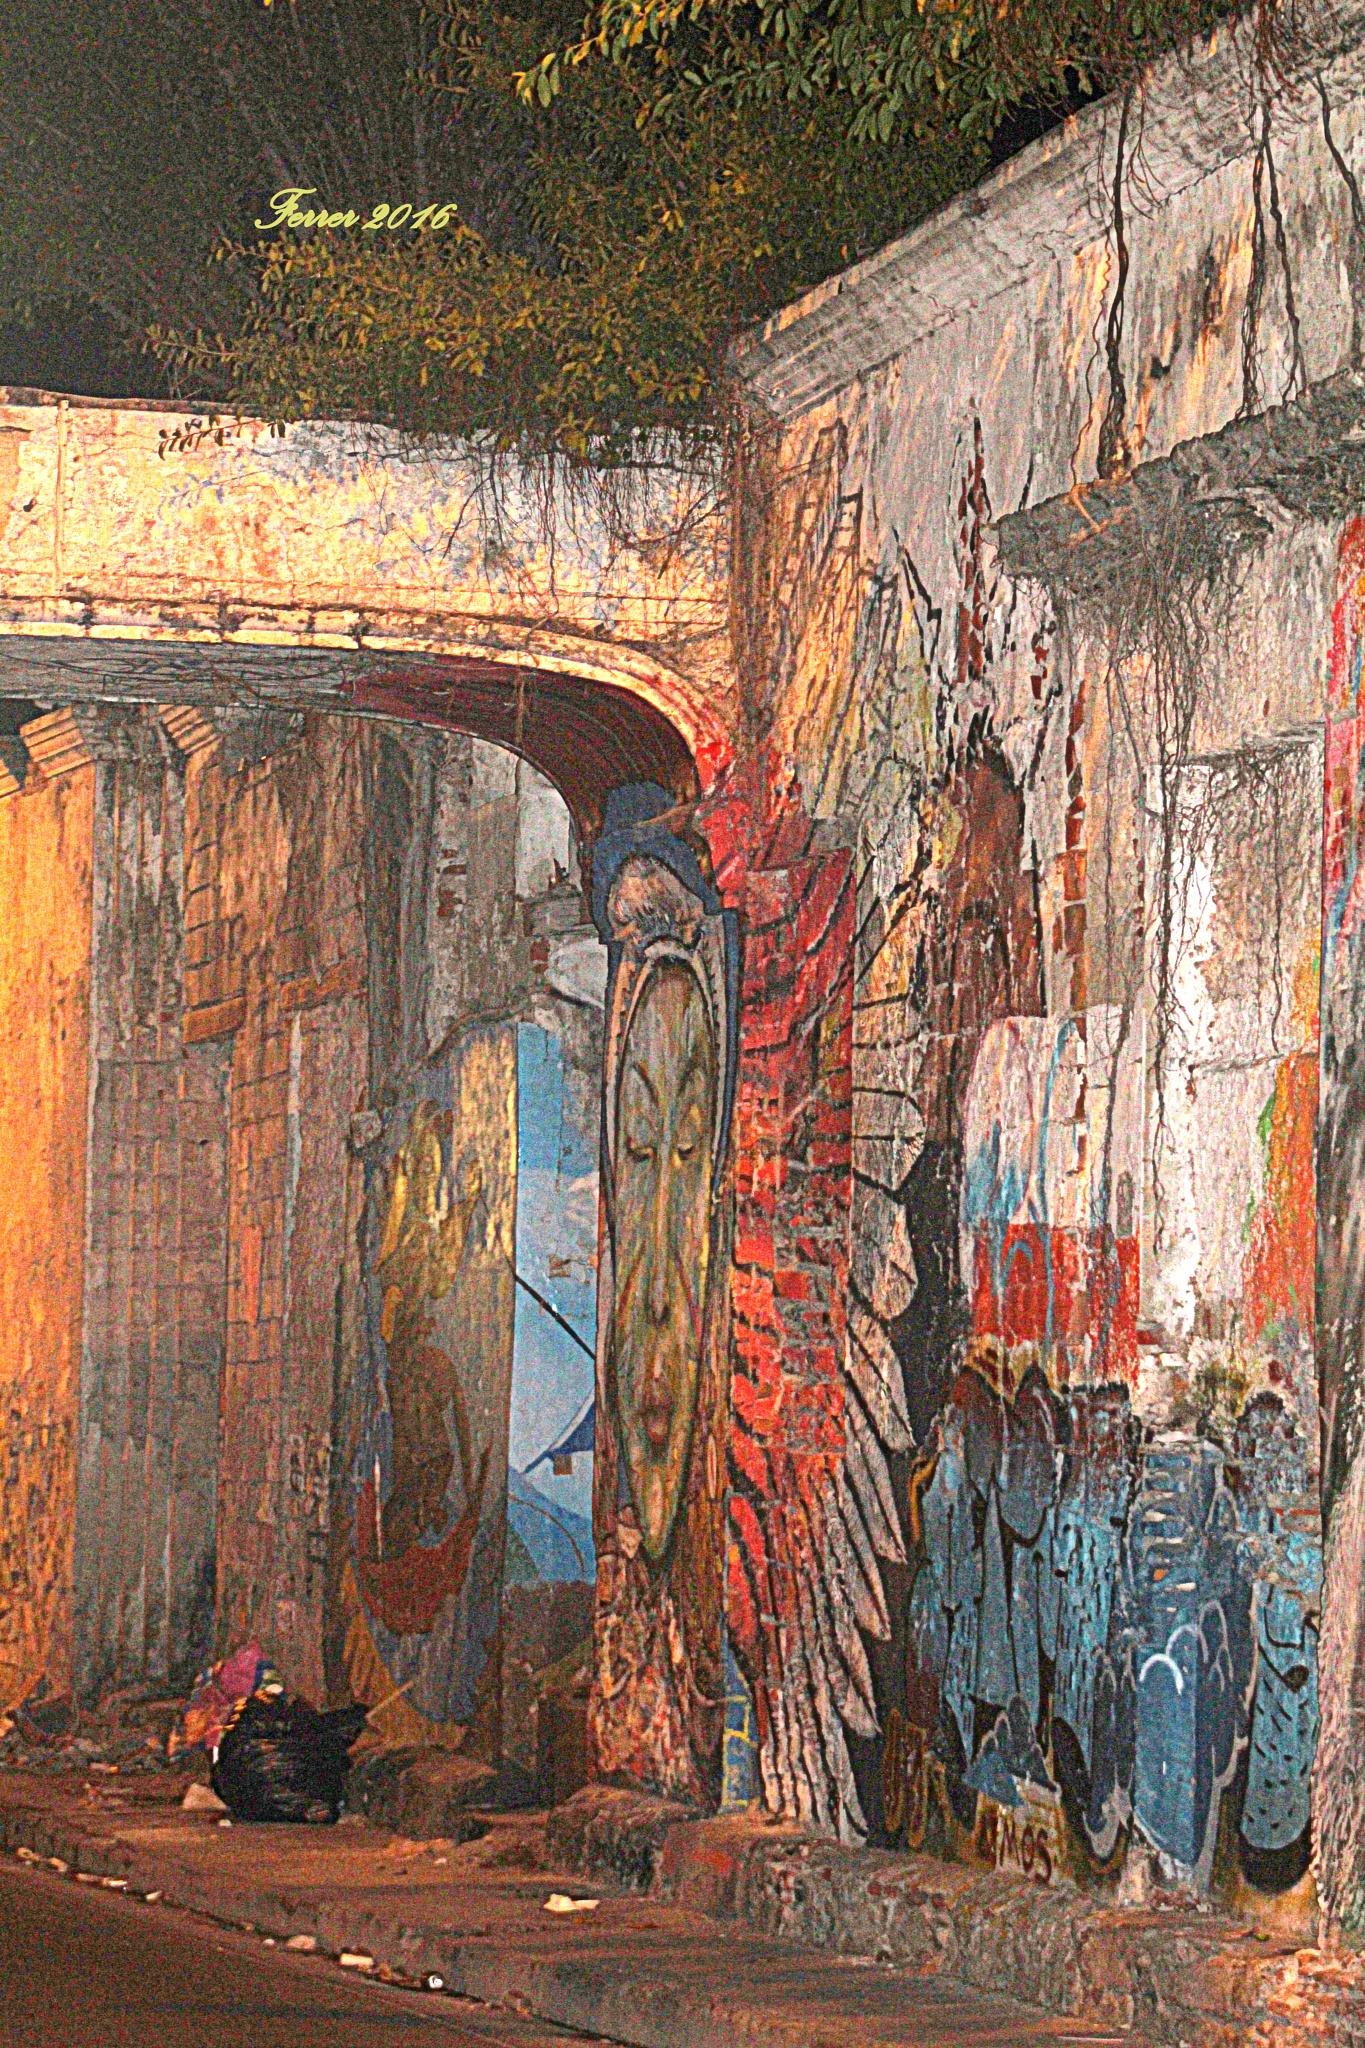 CALLE DE GRAFFITIS by PALOMAGAR